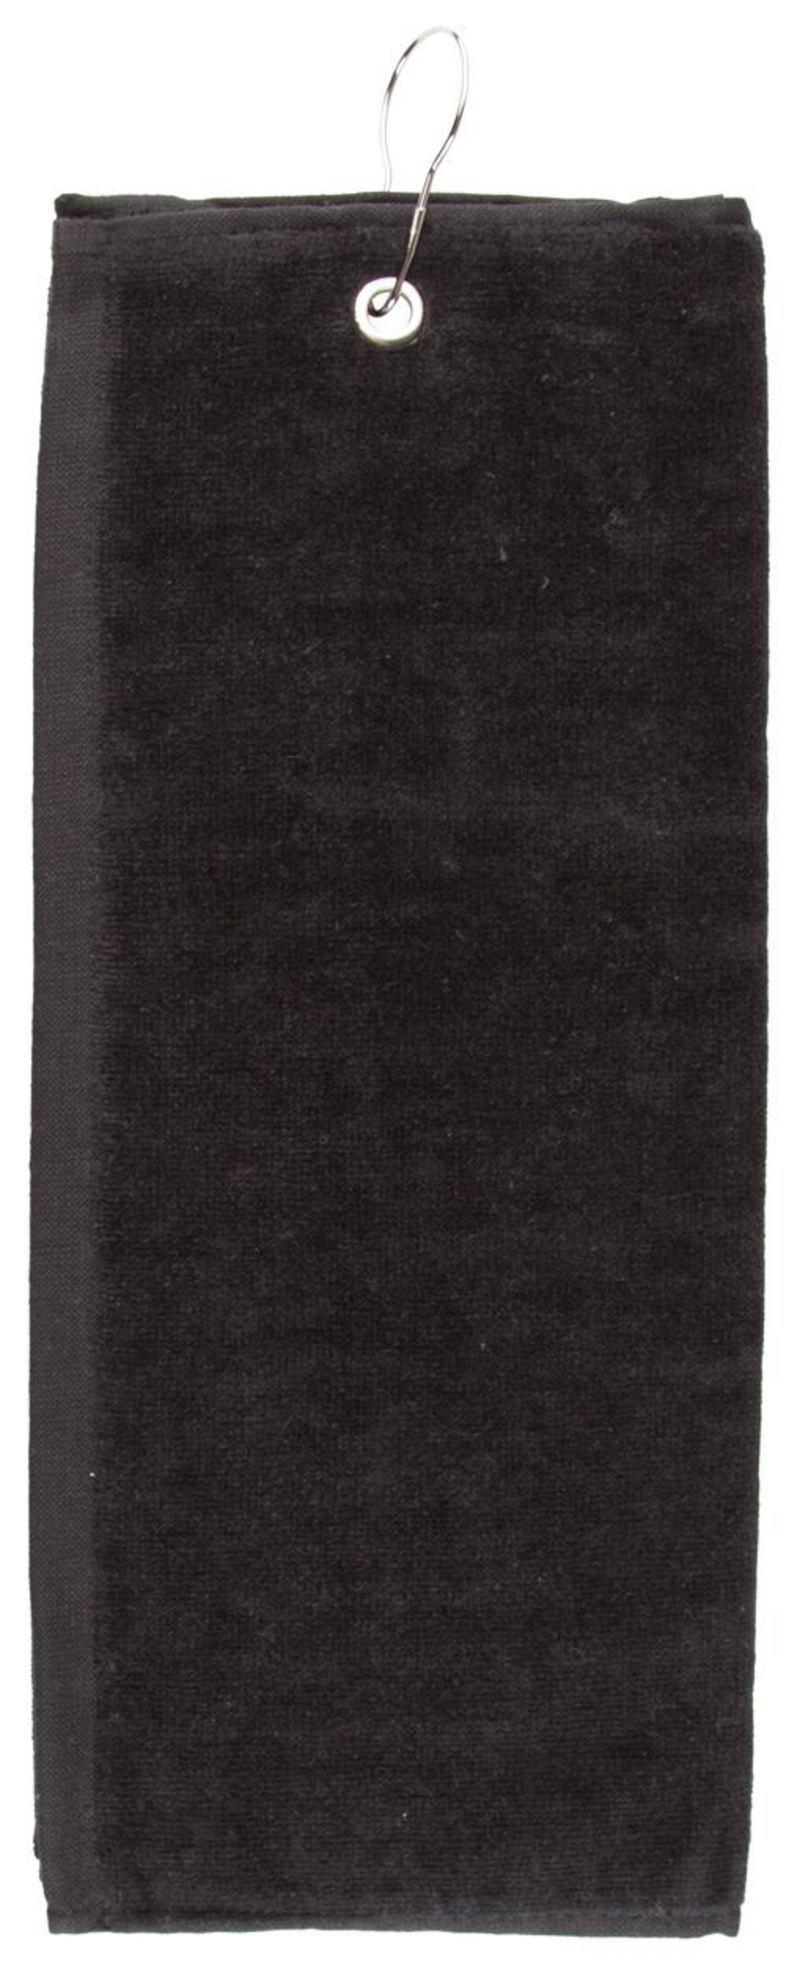 Tarkyl golf towel